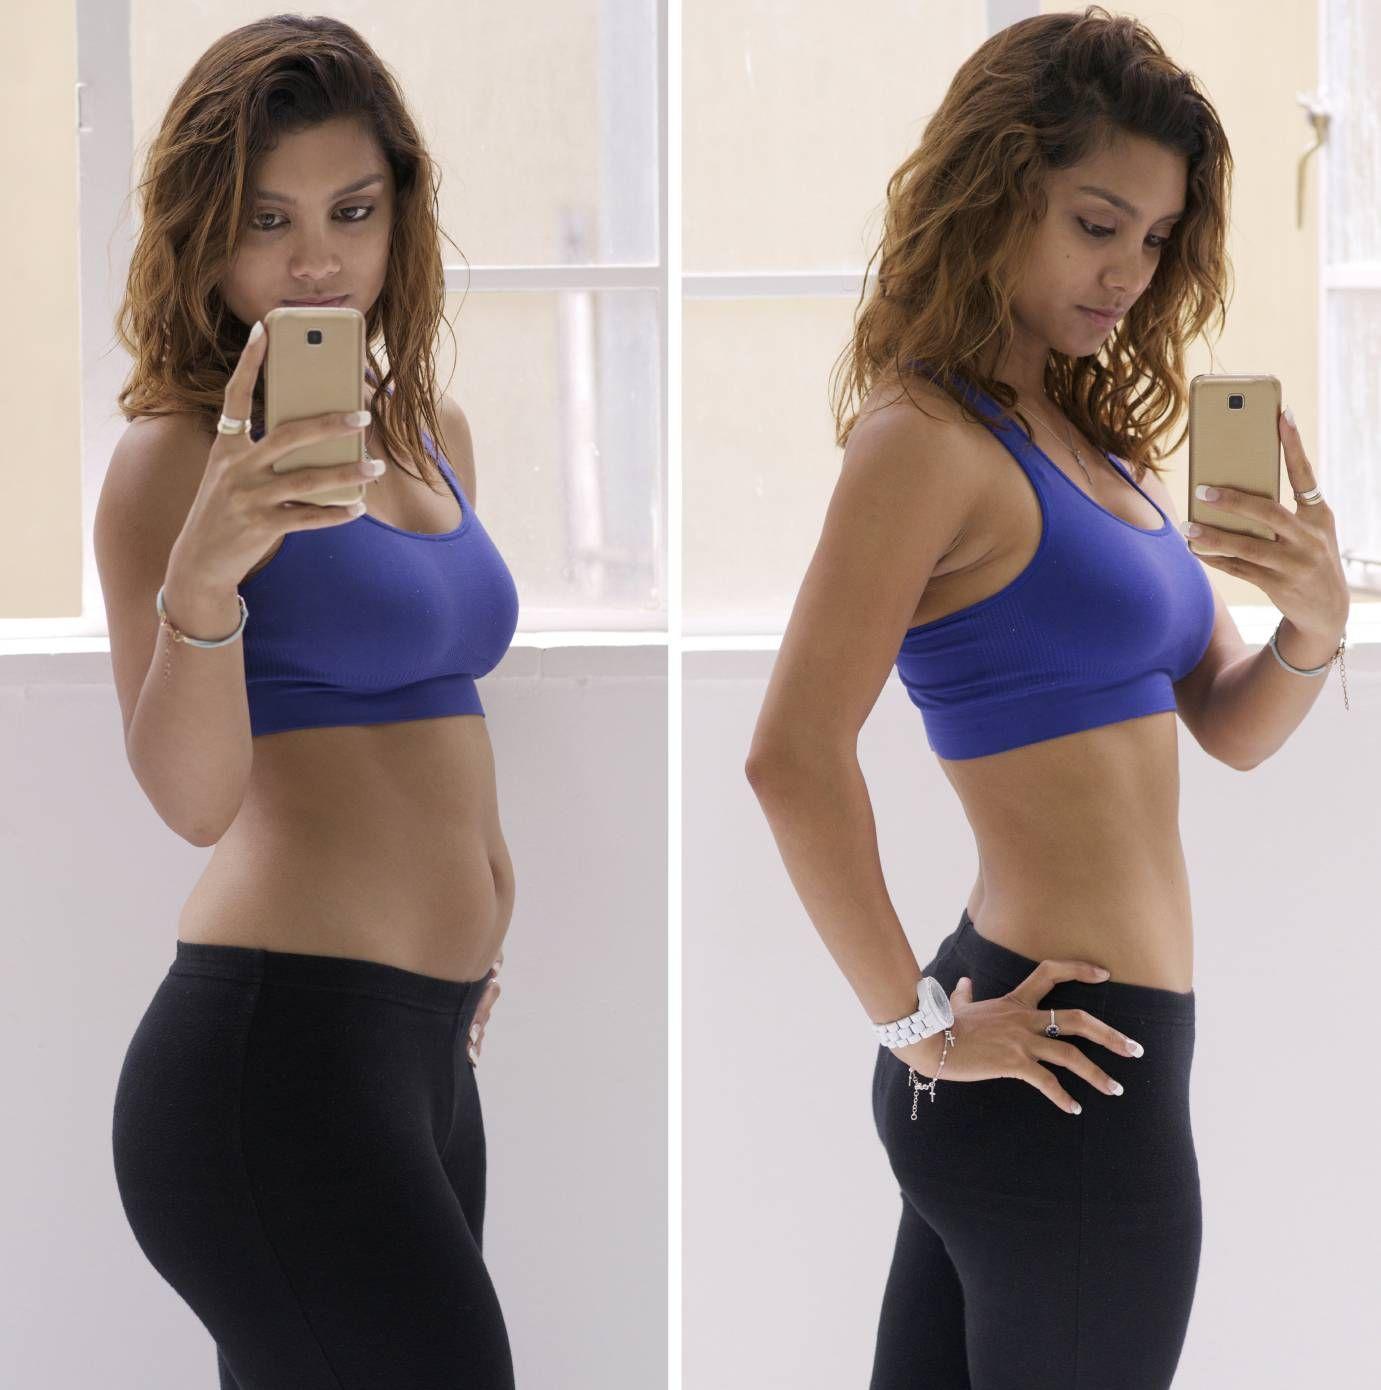 La Dieta Dukan è suddivisa in 4 fasi, due per perdere peso, due per stabilizzare il peso forma ottenuto. Vediamo insieme come dimagrire con questa dieta